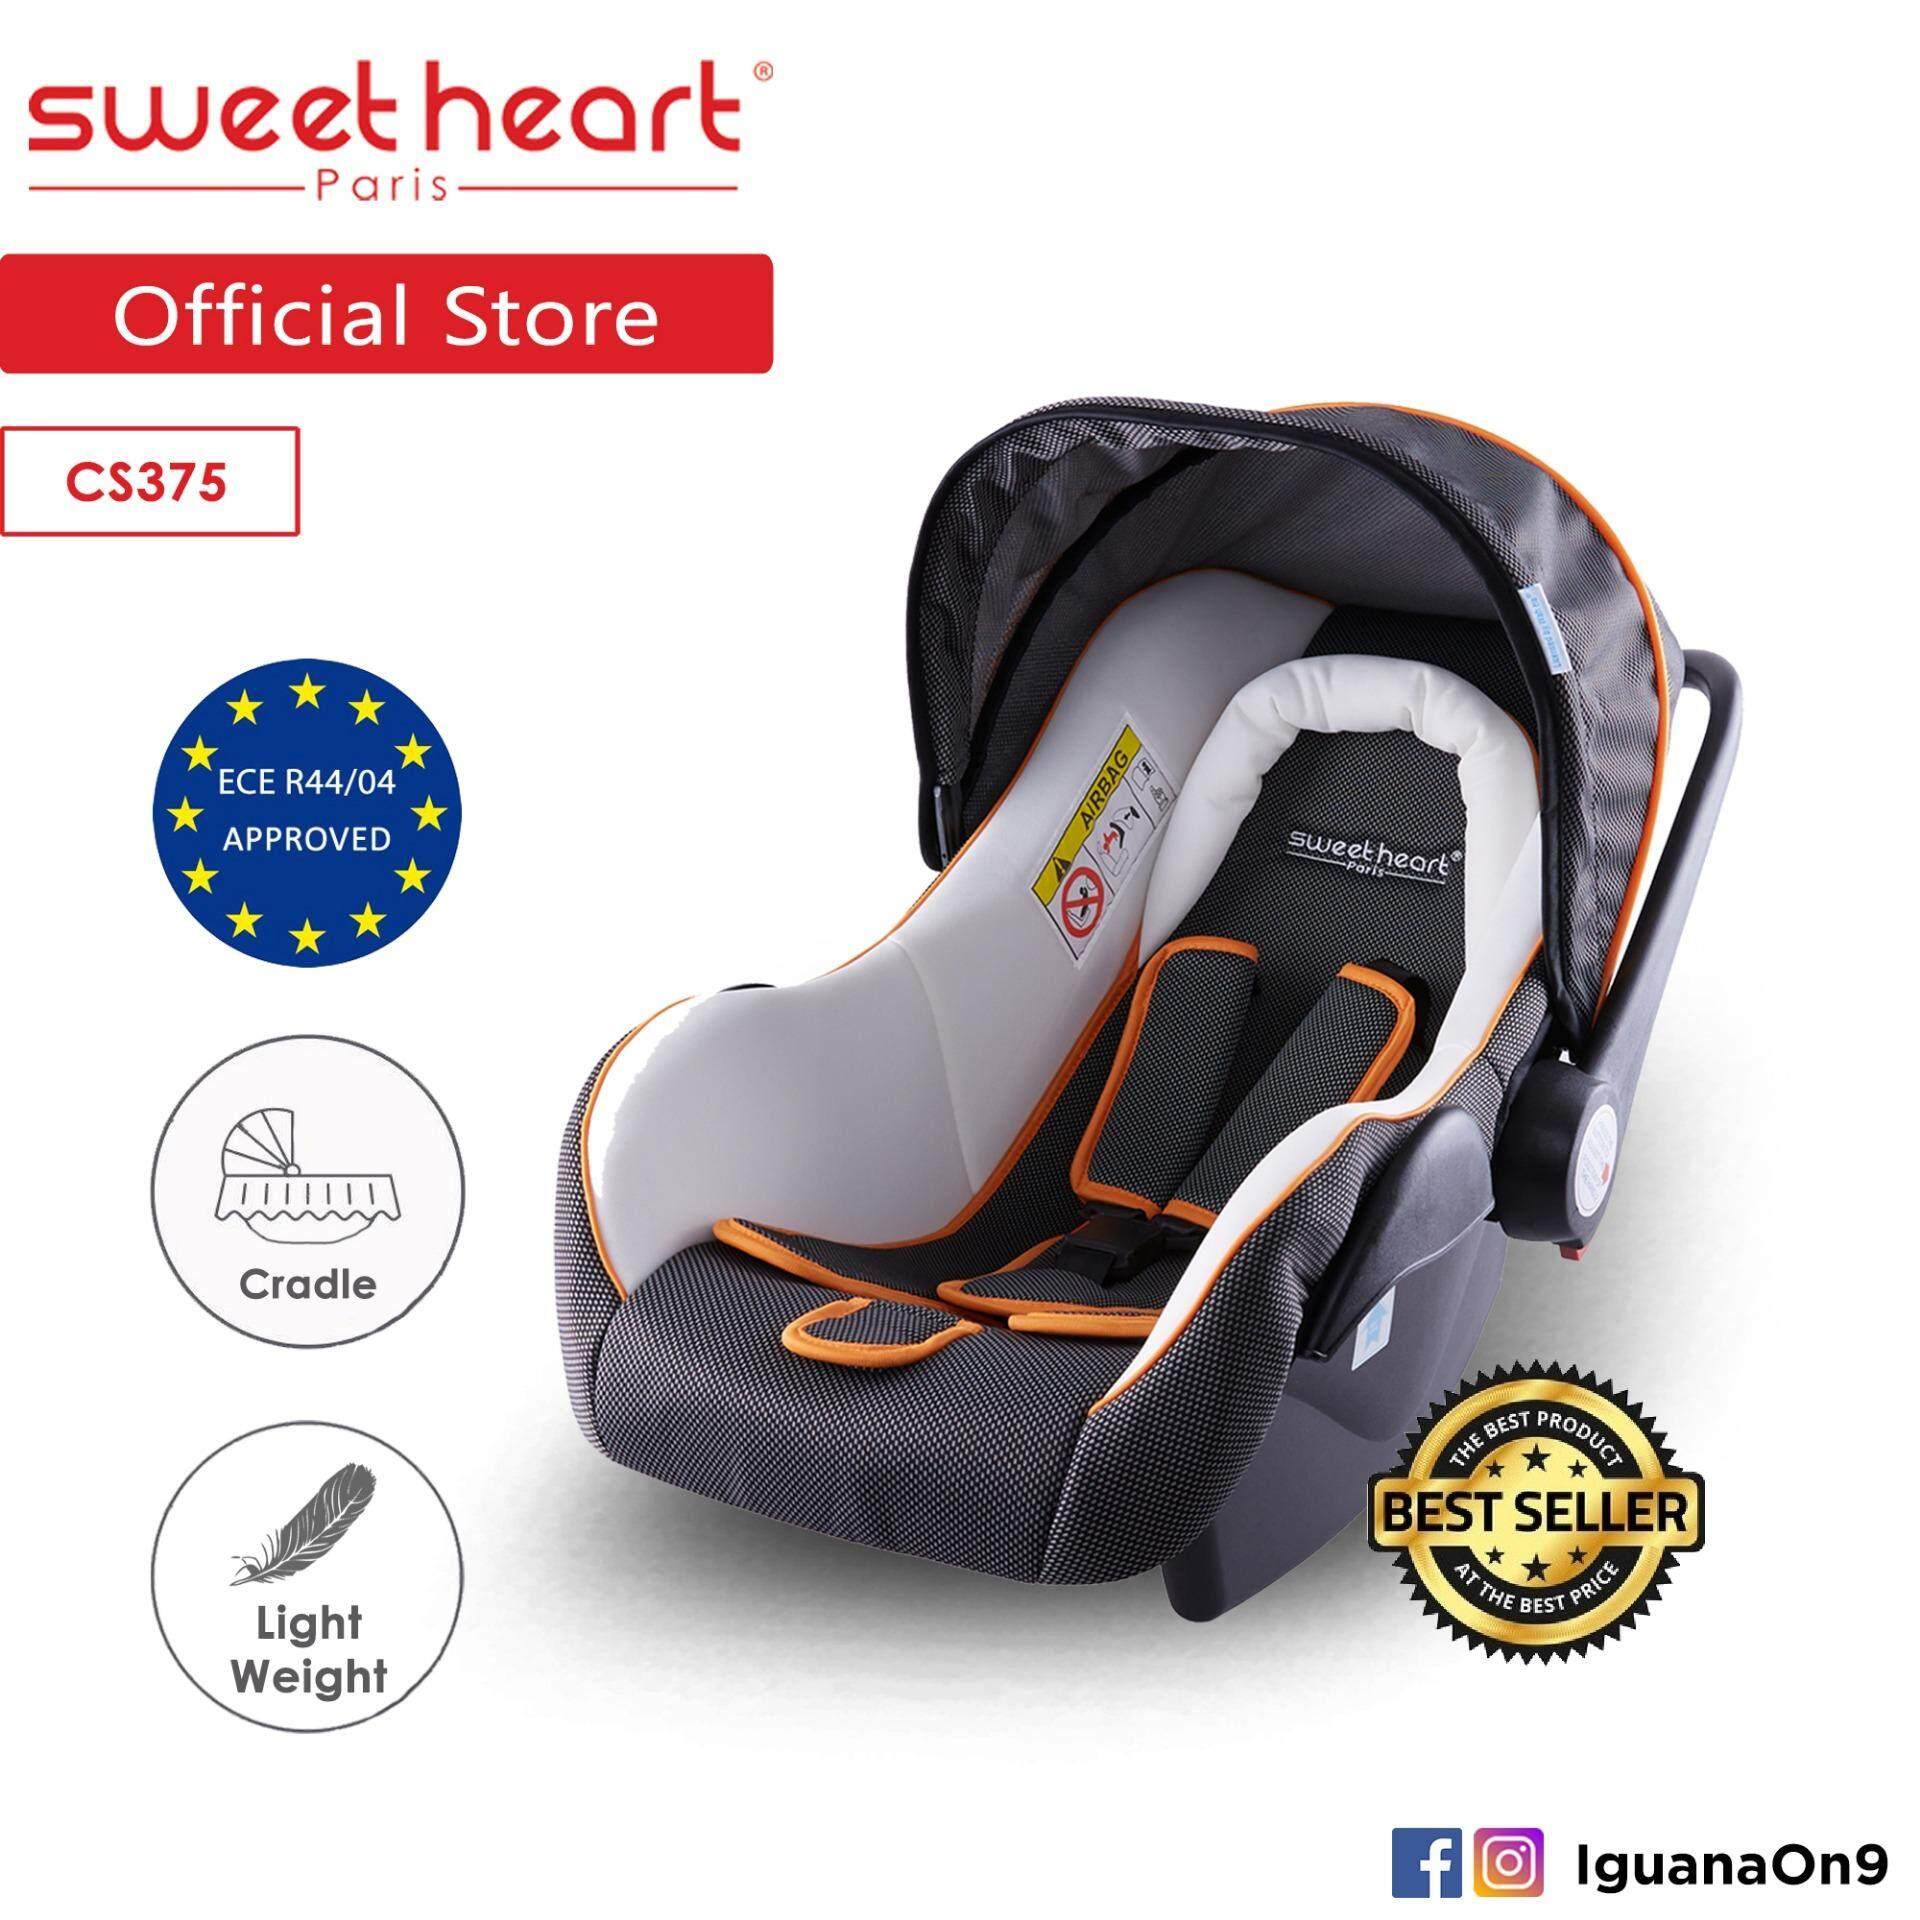 ซื้อที่ไหน Sweet Heart Paris CS375 Car Seat Carrier คาร์ซีทเด็กอ่อน with Adjustable Canopy รีวิวสินค้า ของแท้